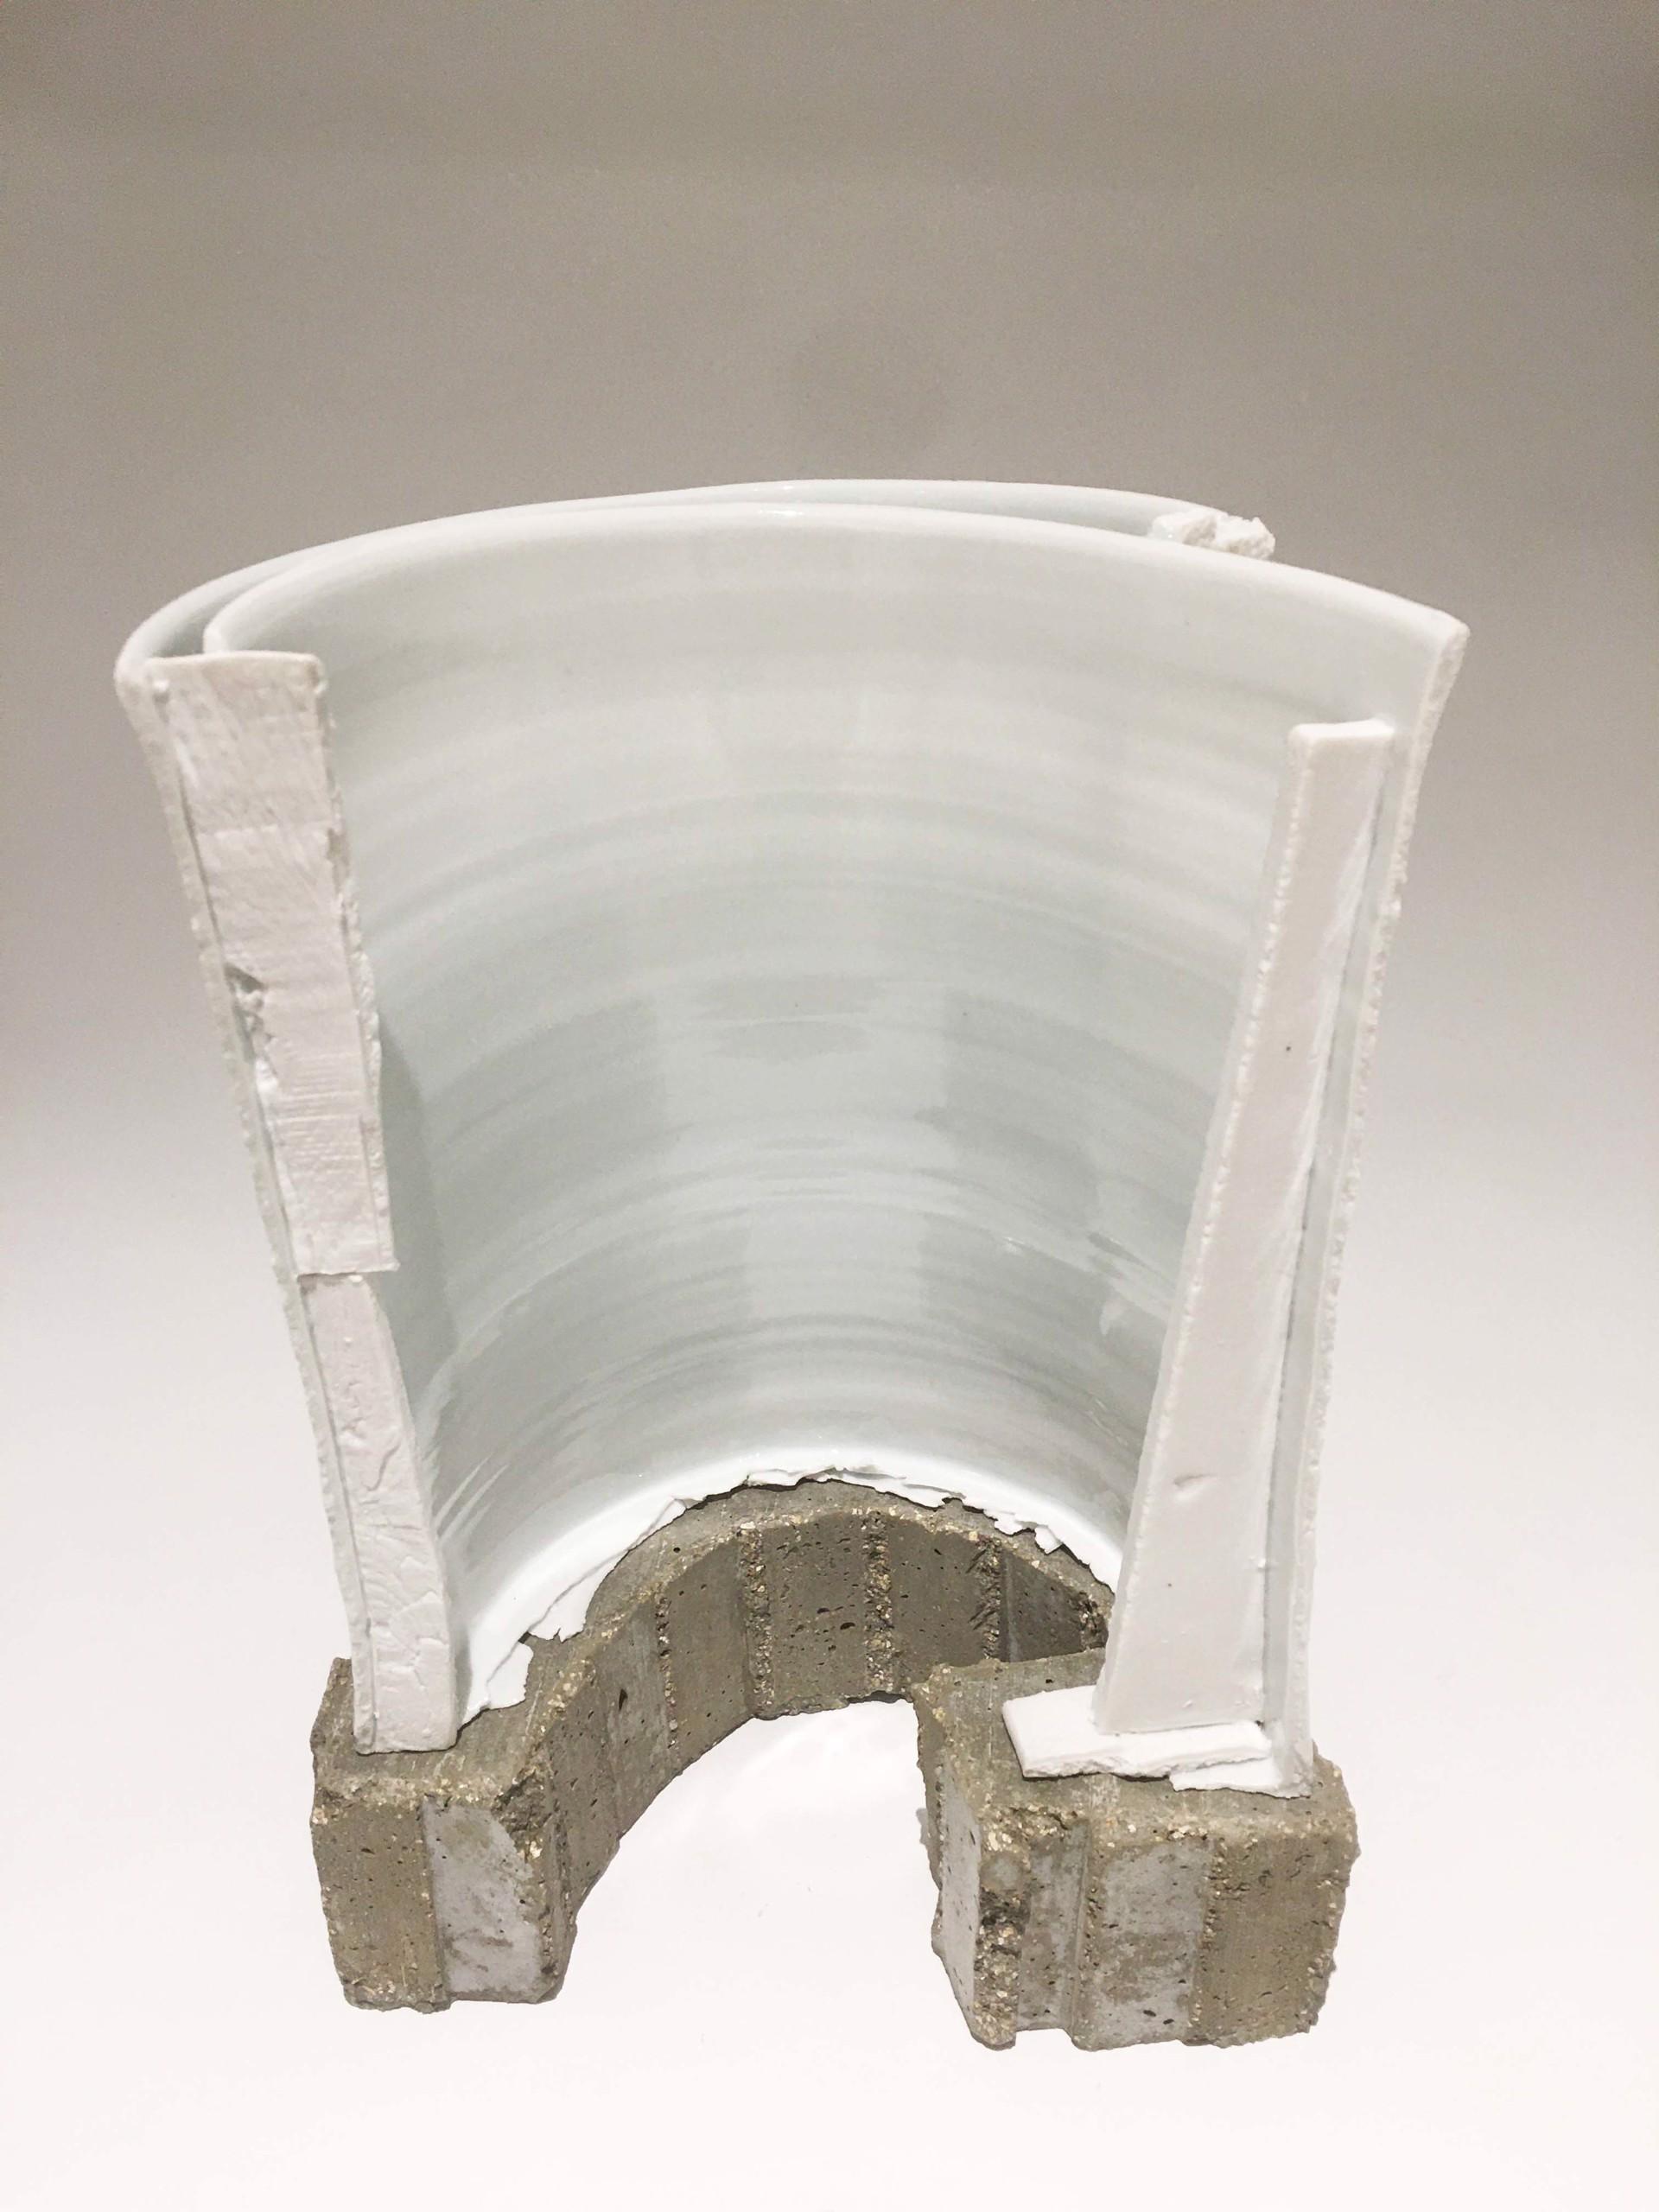 Vase 2 by Bryan Hopkins